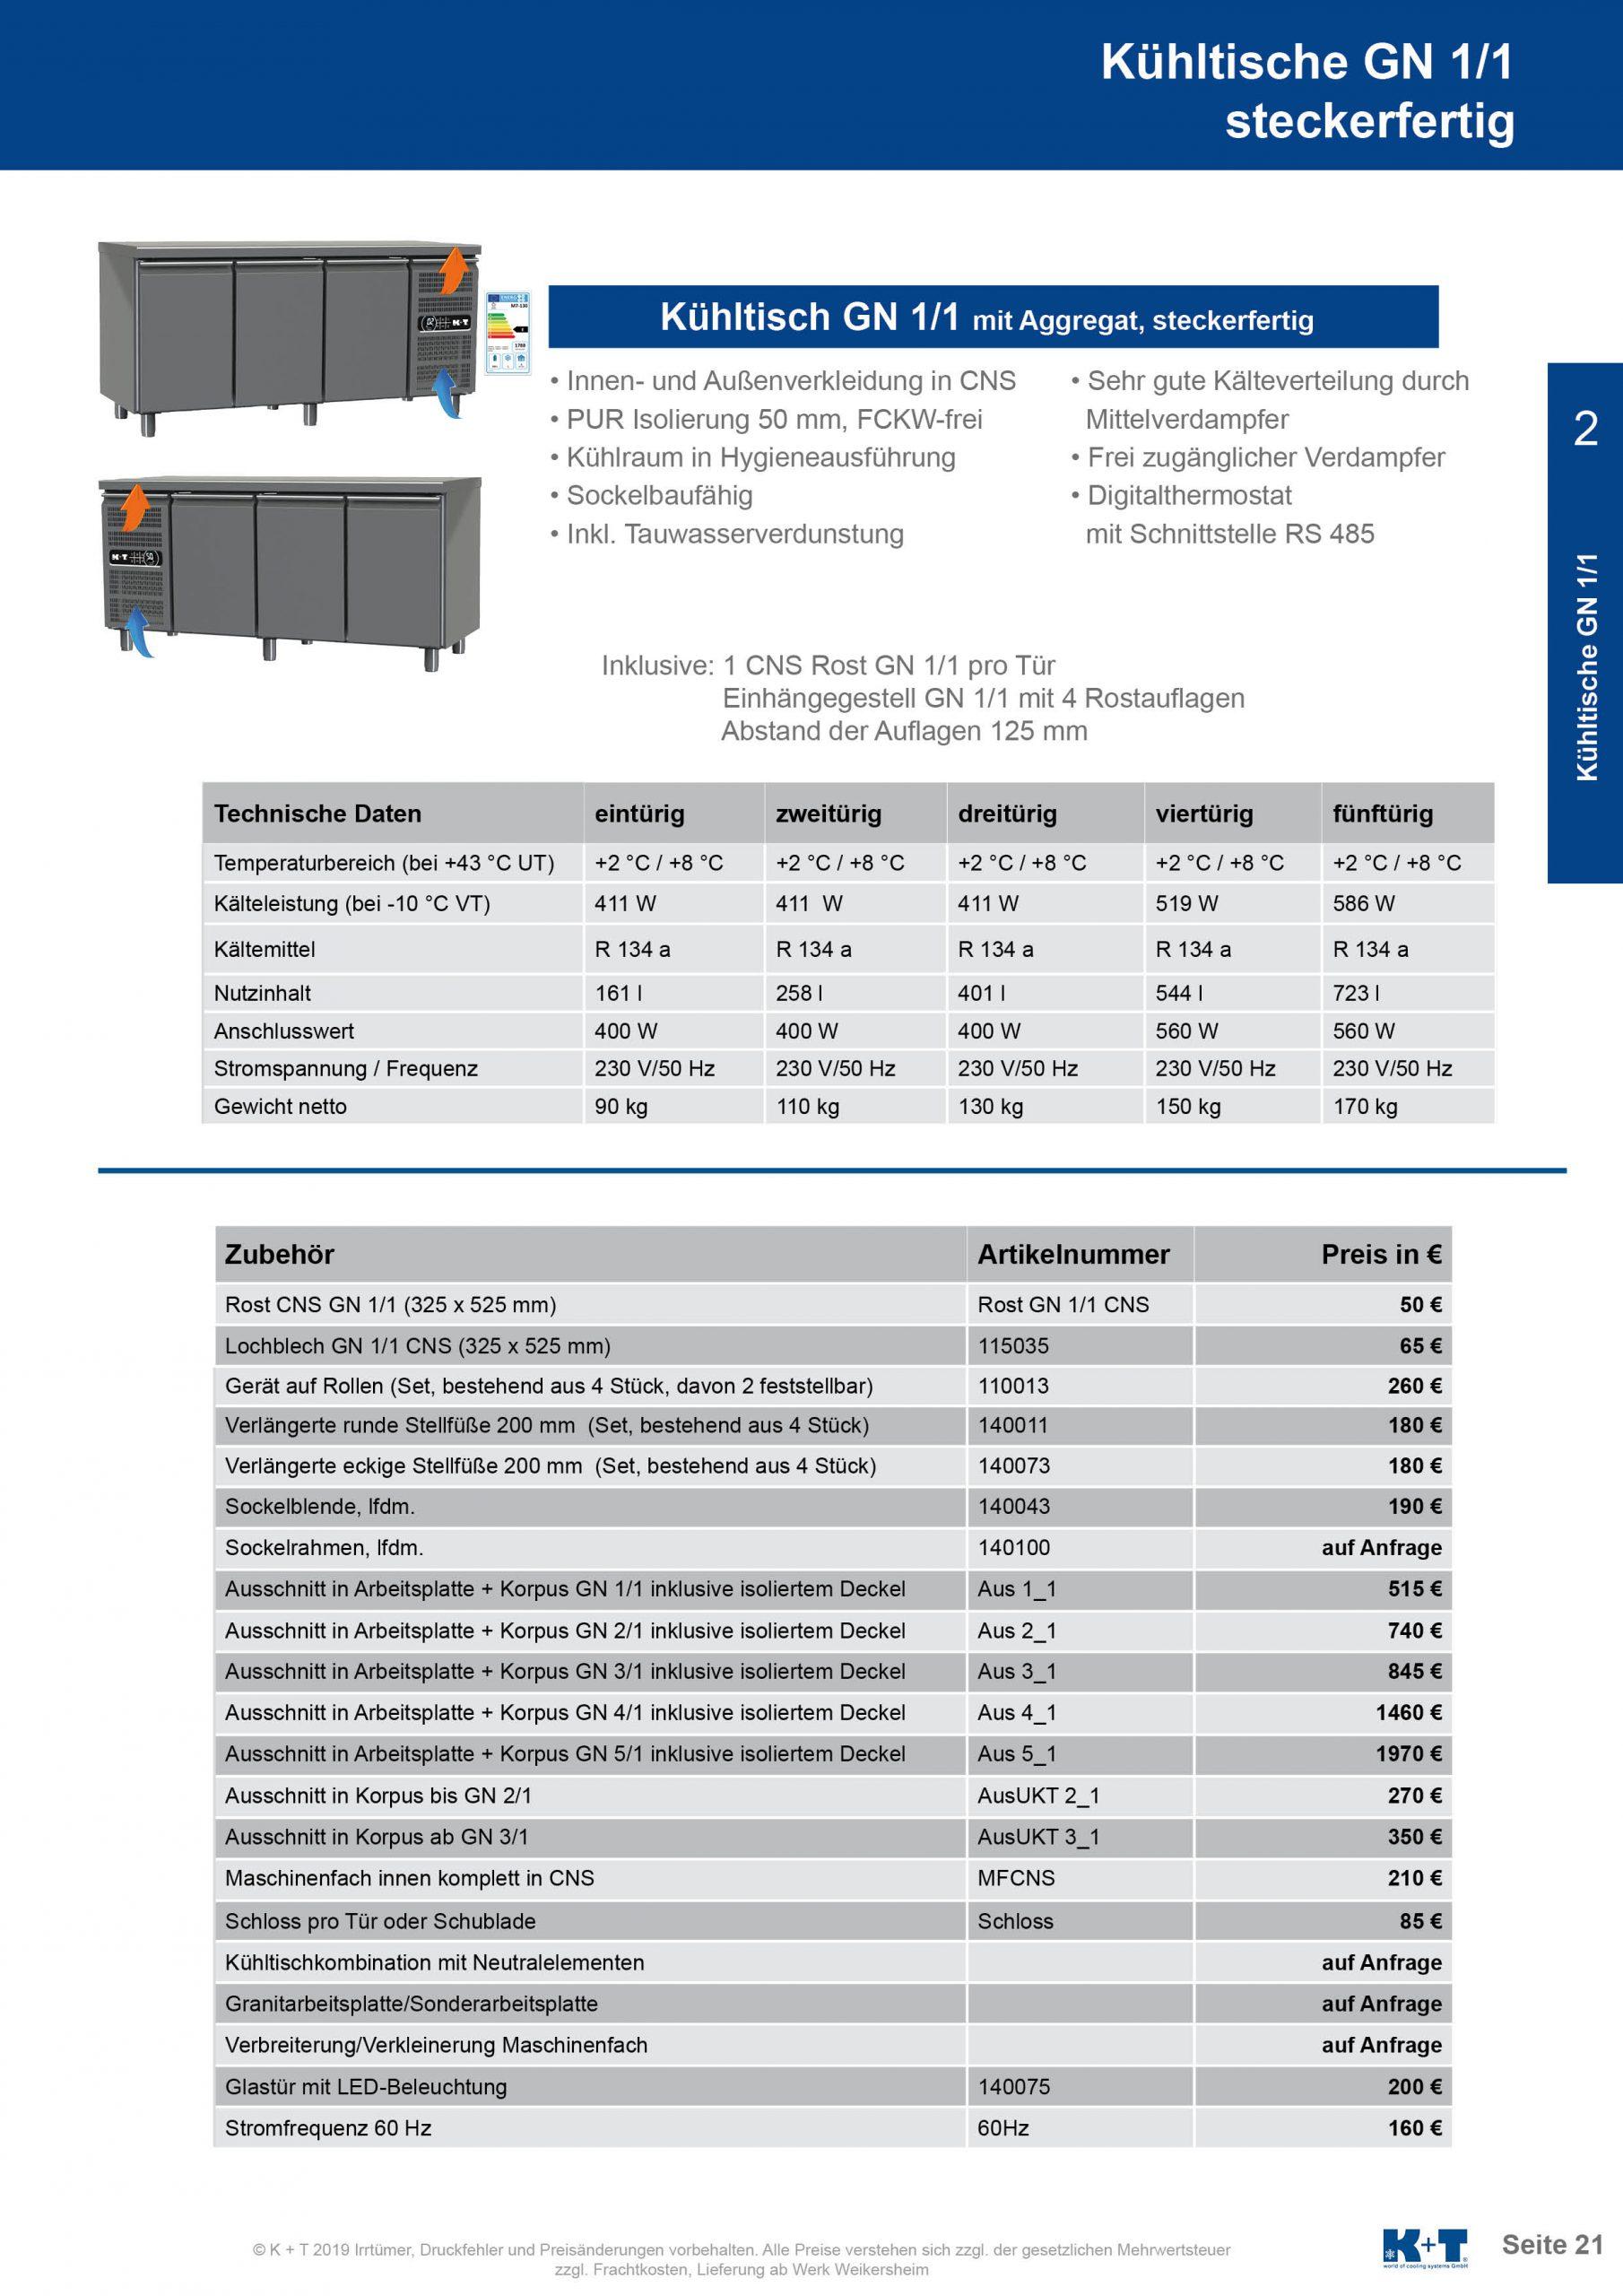 Kühltisch GN 1_1 Korpus 650 steckerfertig 2